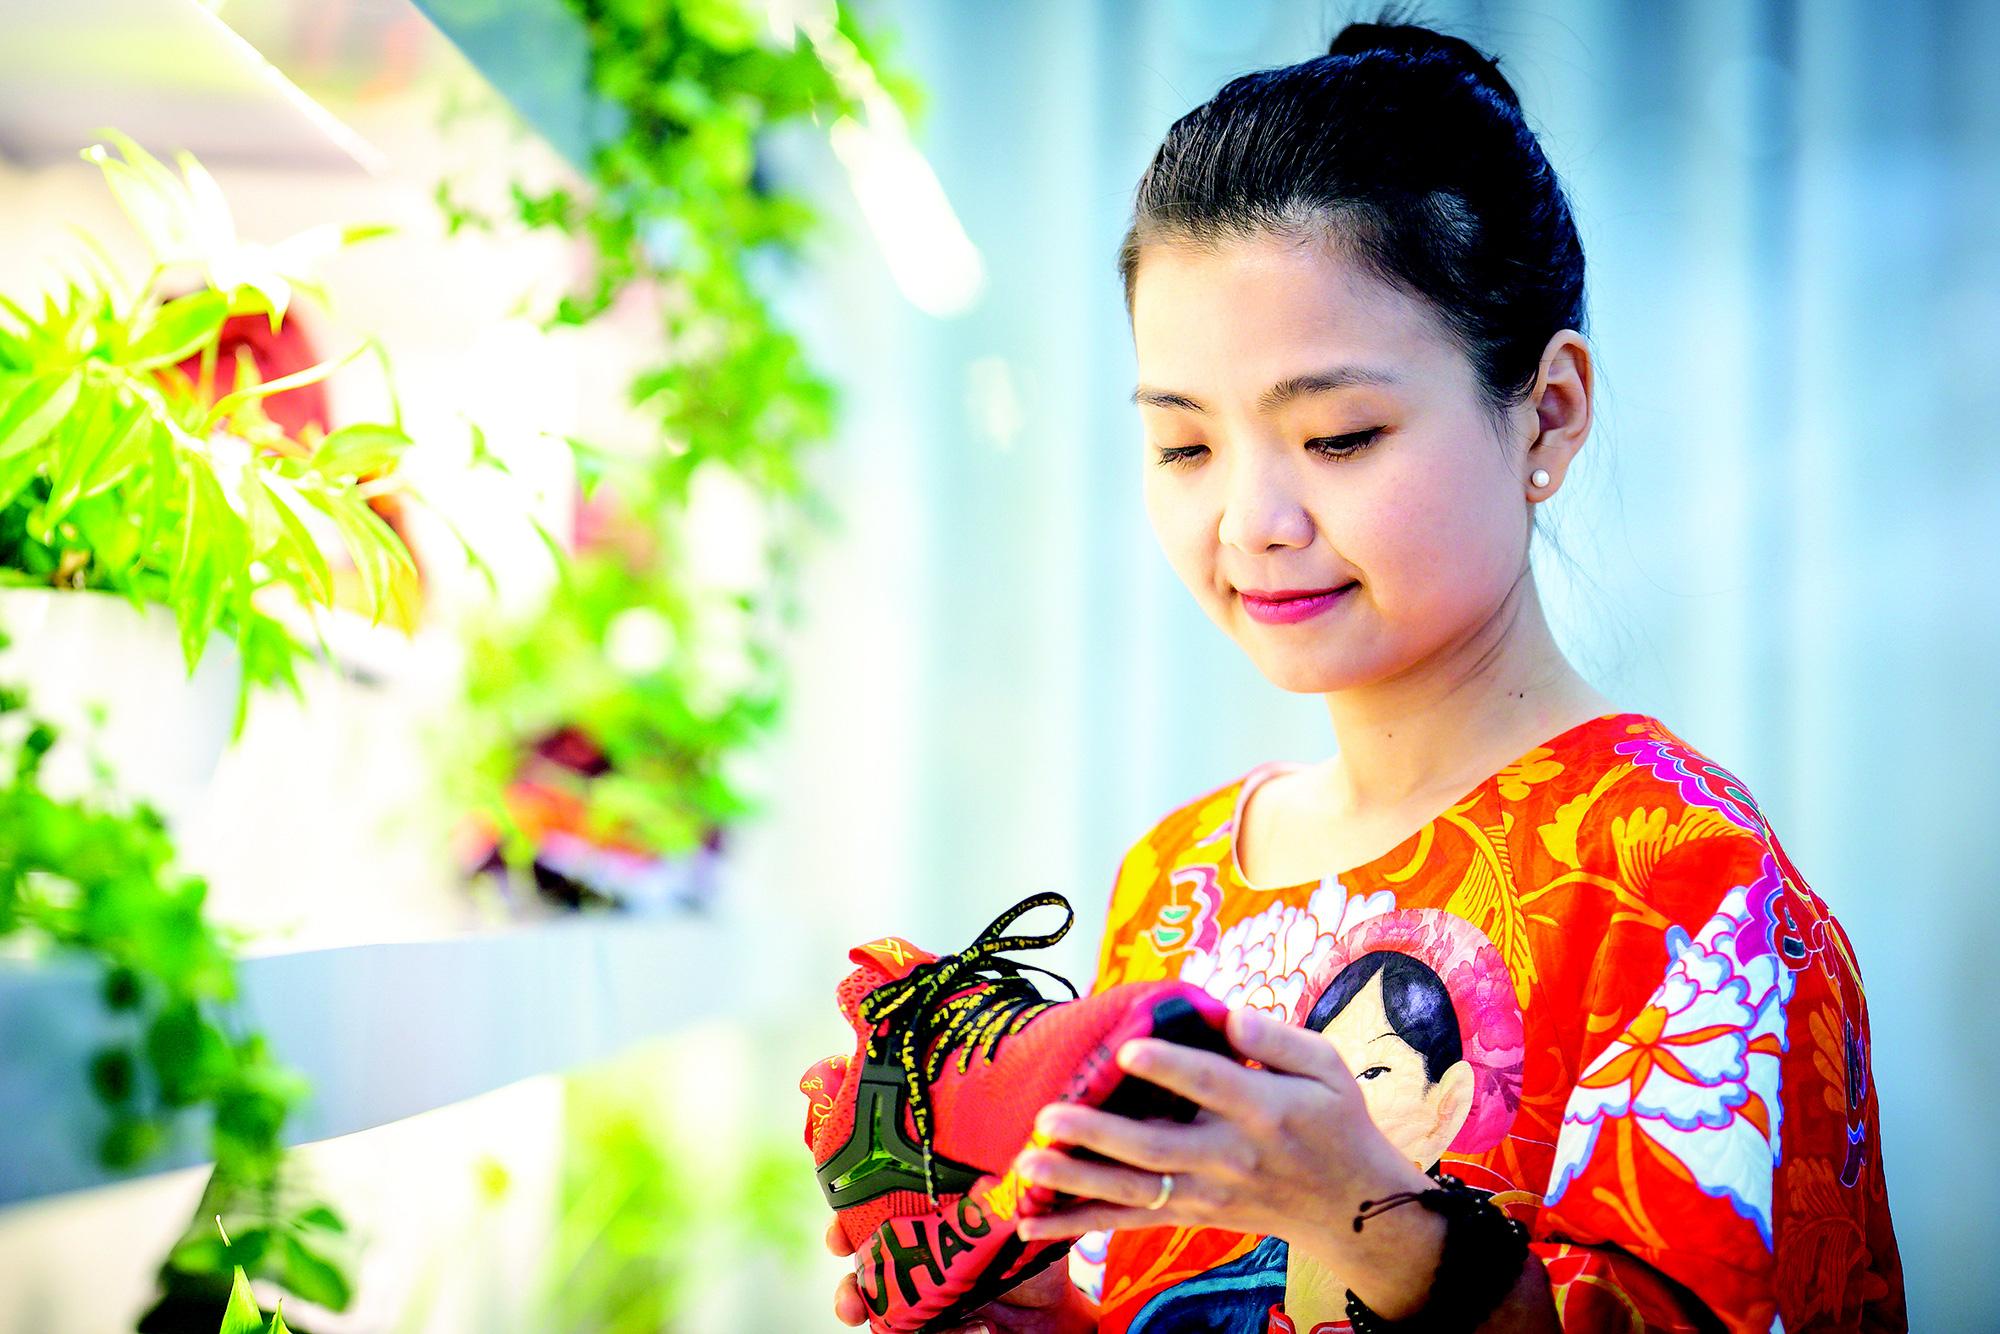 """Những """"cô gái vàng"""" của các gia tộc nghìn tỷ tại Việt Nam từ khi tiếp quản khối tài sản khủng của gia đình thì như thế nào? - ảnh 8"""